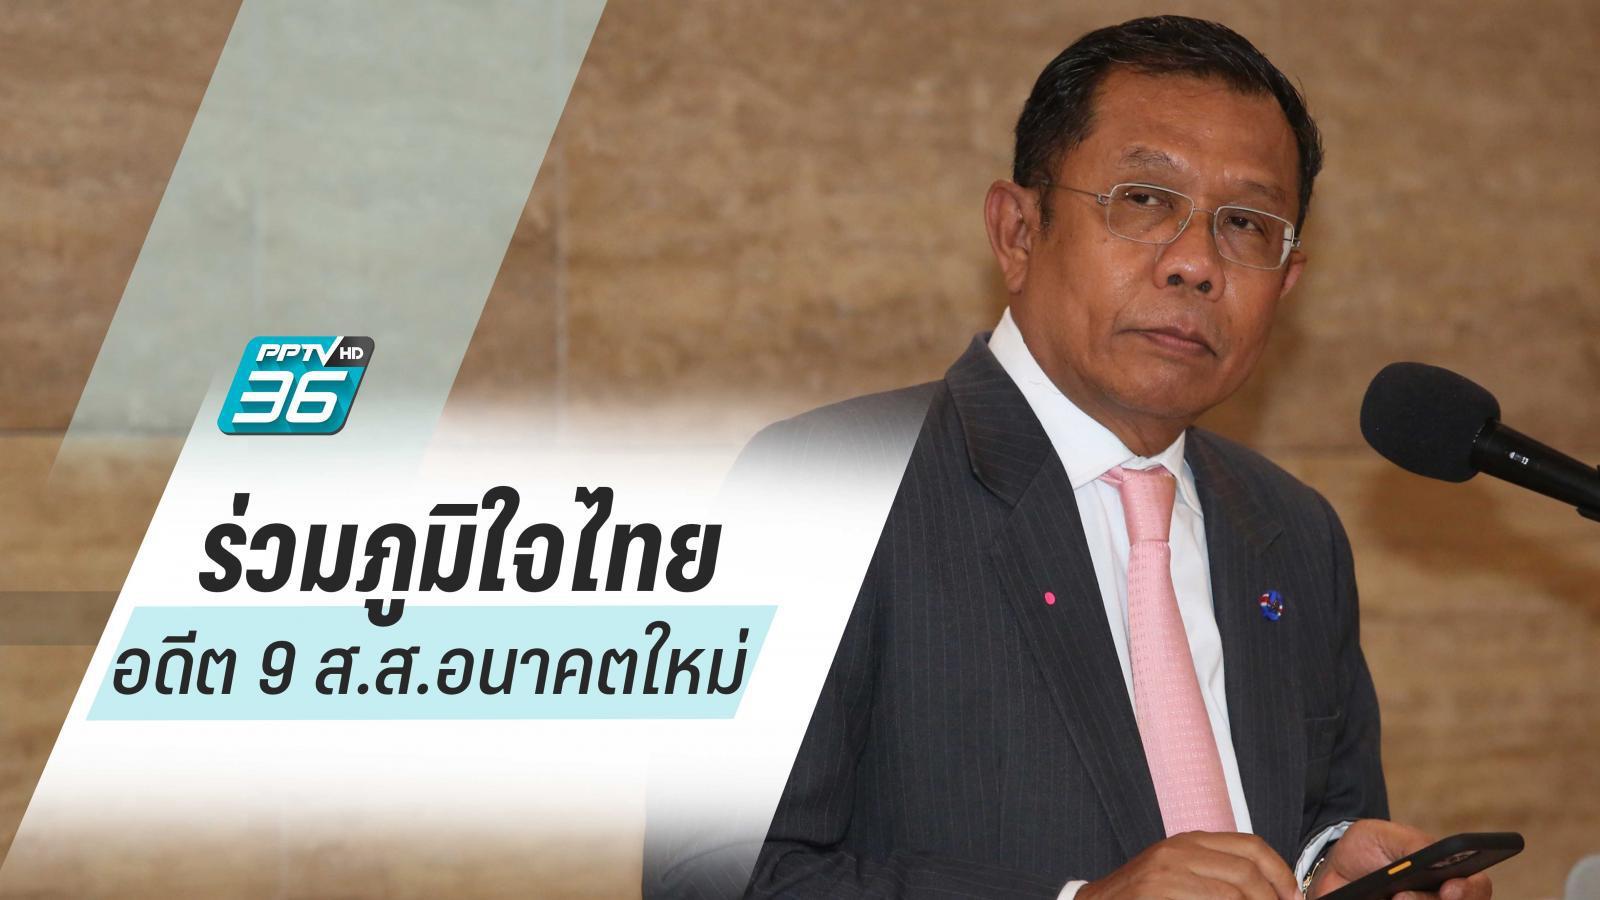 """""""ภูมิใจไทย"""" แจ้ง ปธ.สภาฯ อดีต 9 ส.ส.อนาคตใหม่ ร่วมภูมิใจไทยแล้ว"""